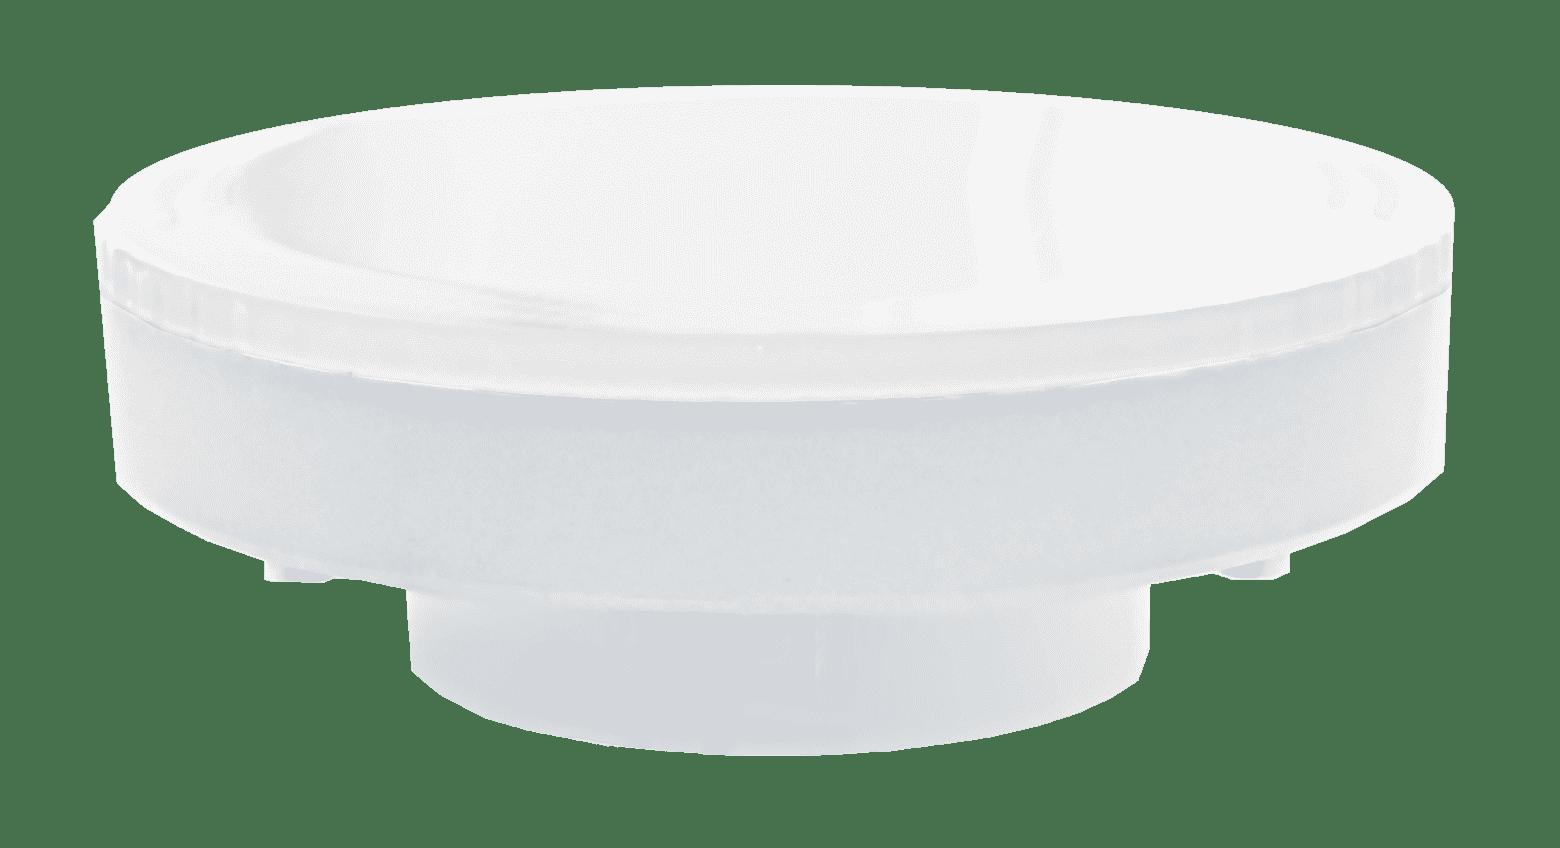 Светодиодная лампа НАНОСВЕТ LE-GX-8/GX53/827, 8Вт, 680лм, GX53, 2700К, Ra80 арт. L290